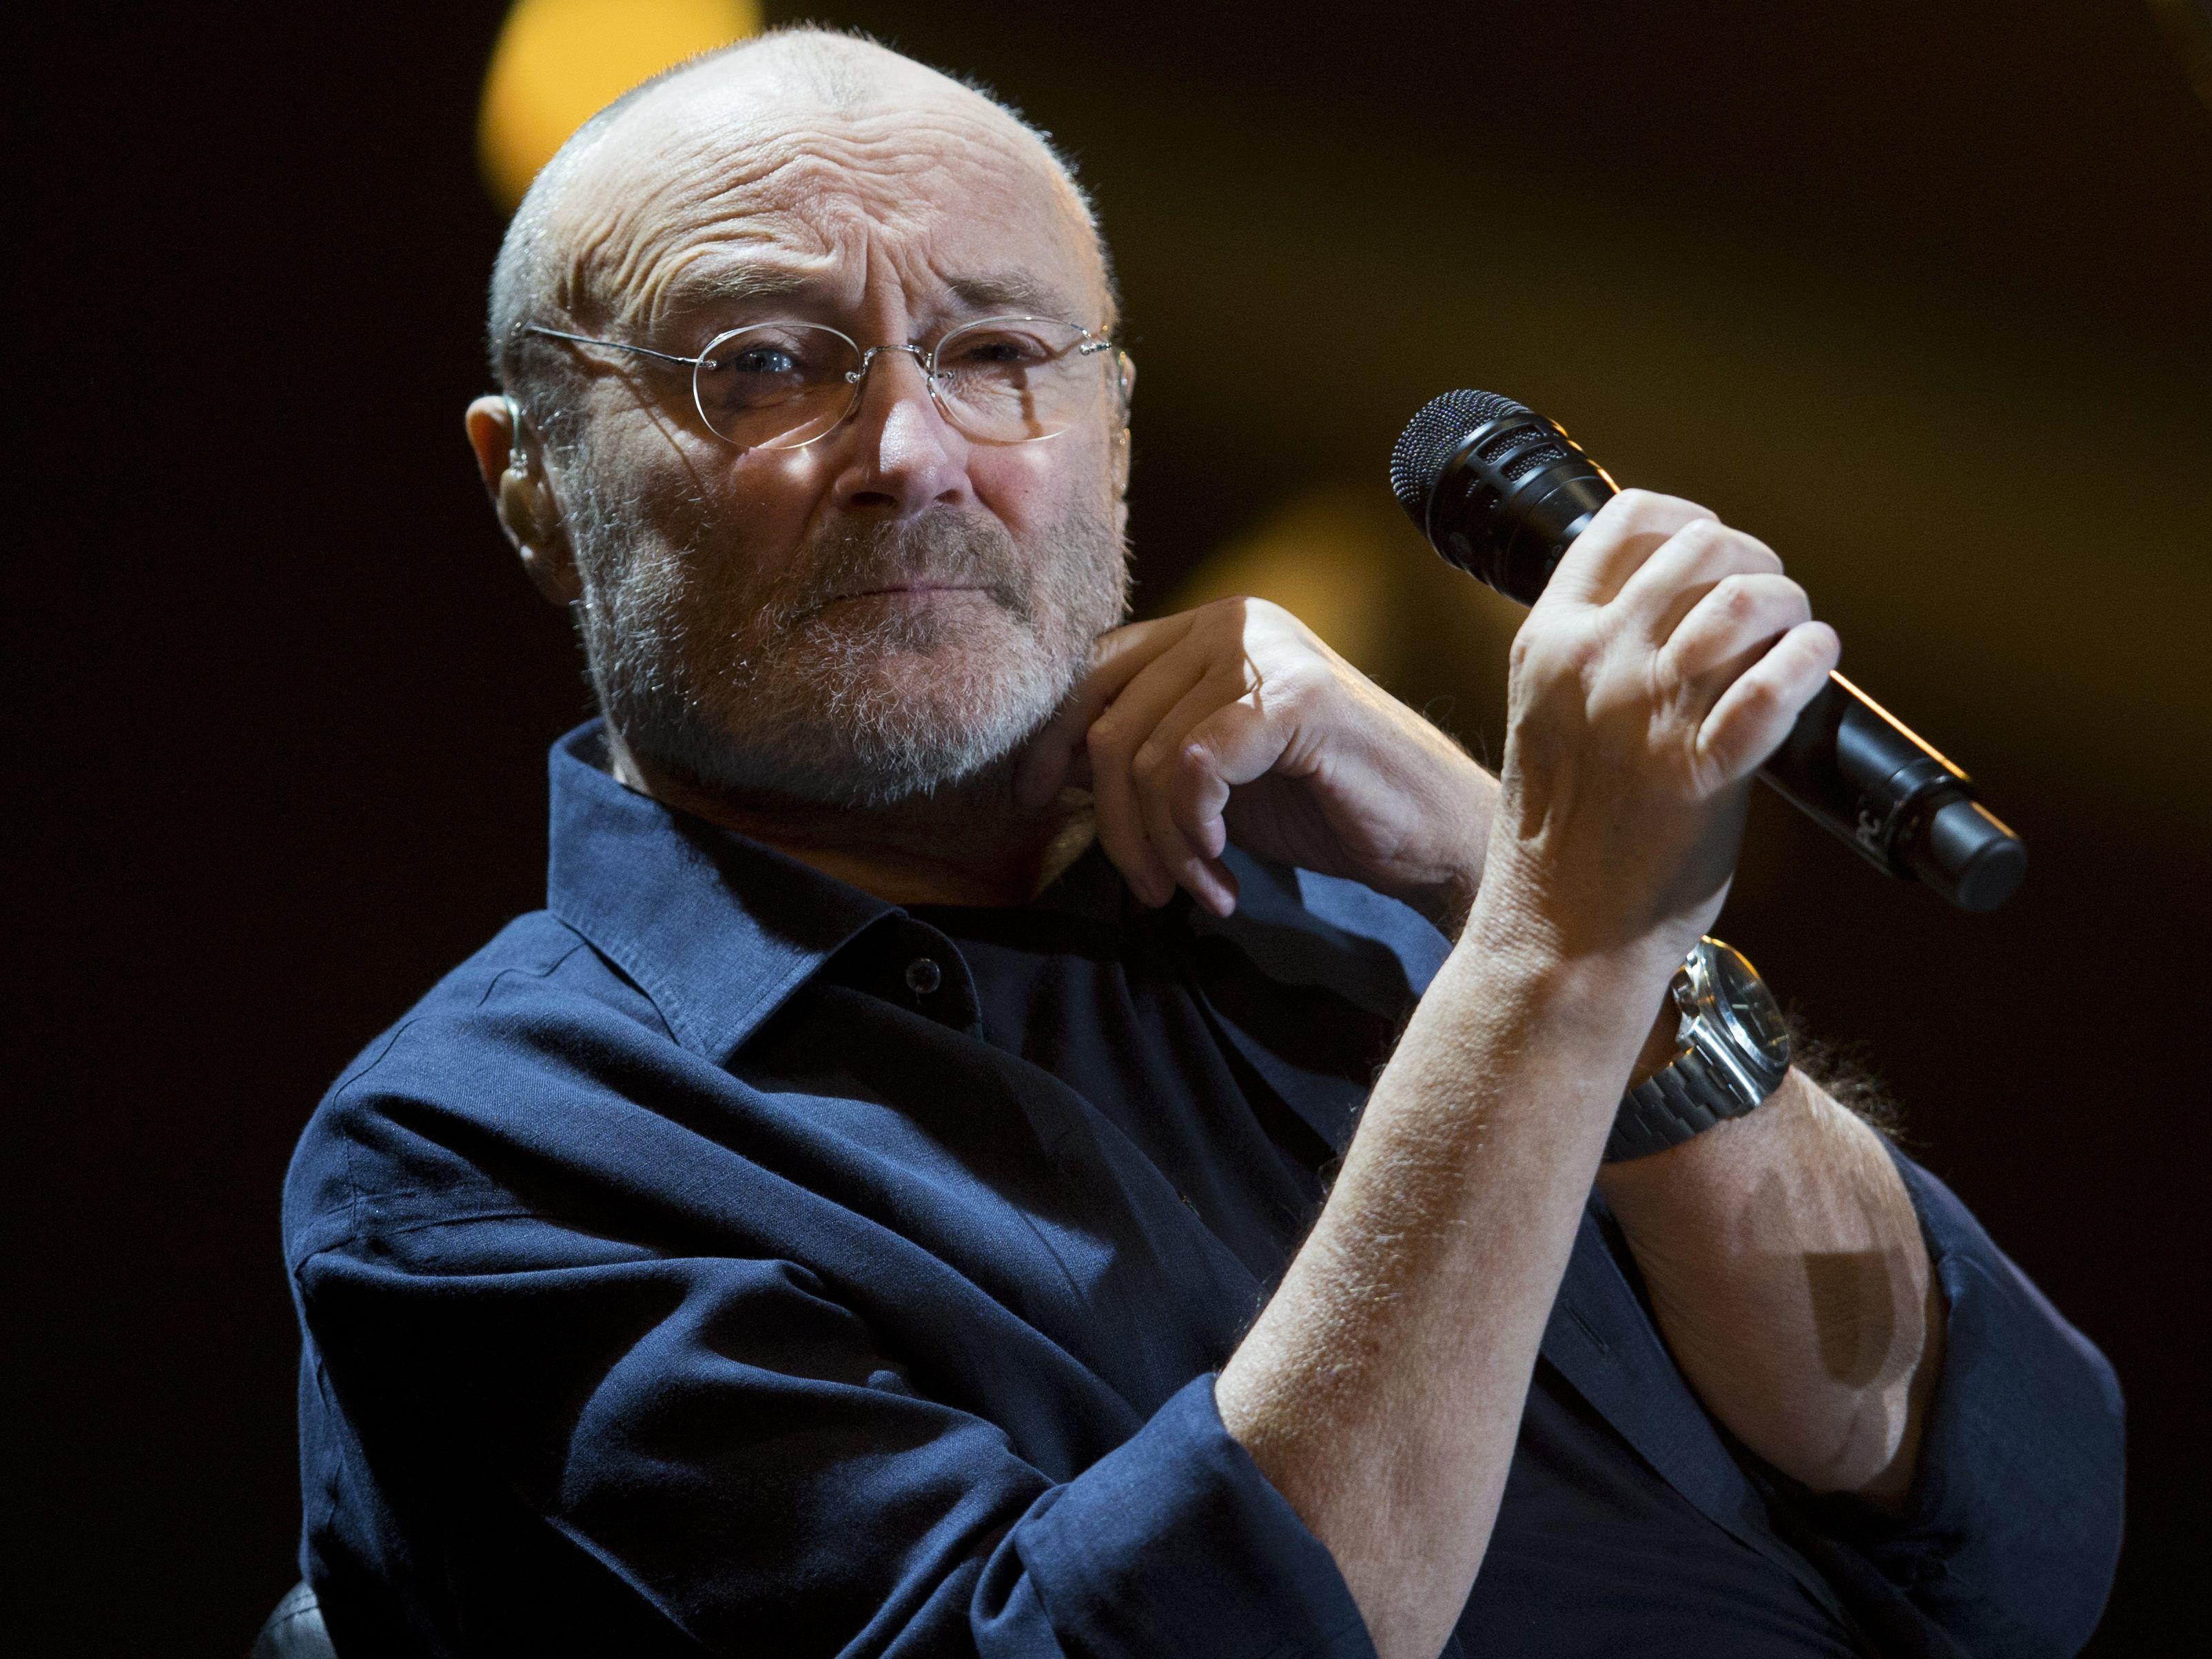 Auftritt im Rheinenergie-Stadion - Phil Collins kommt 2019 nach Köln